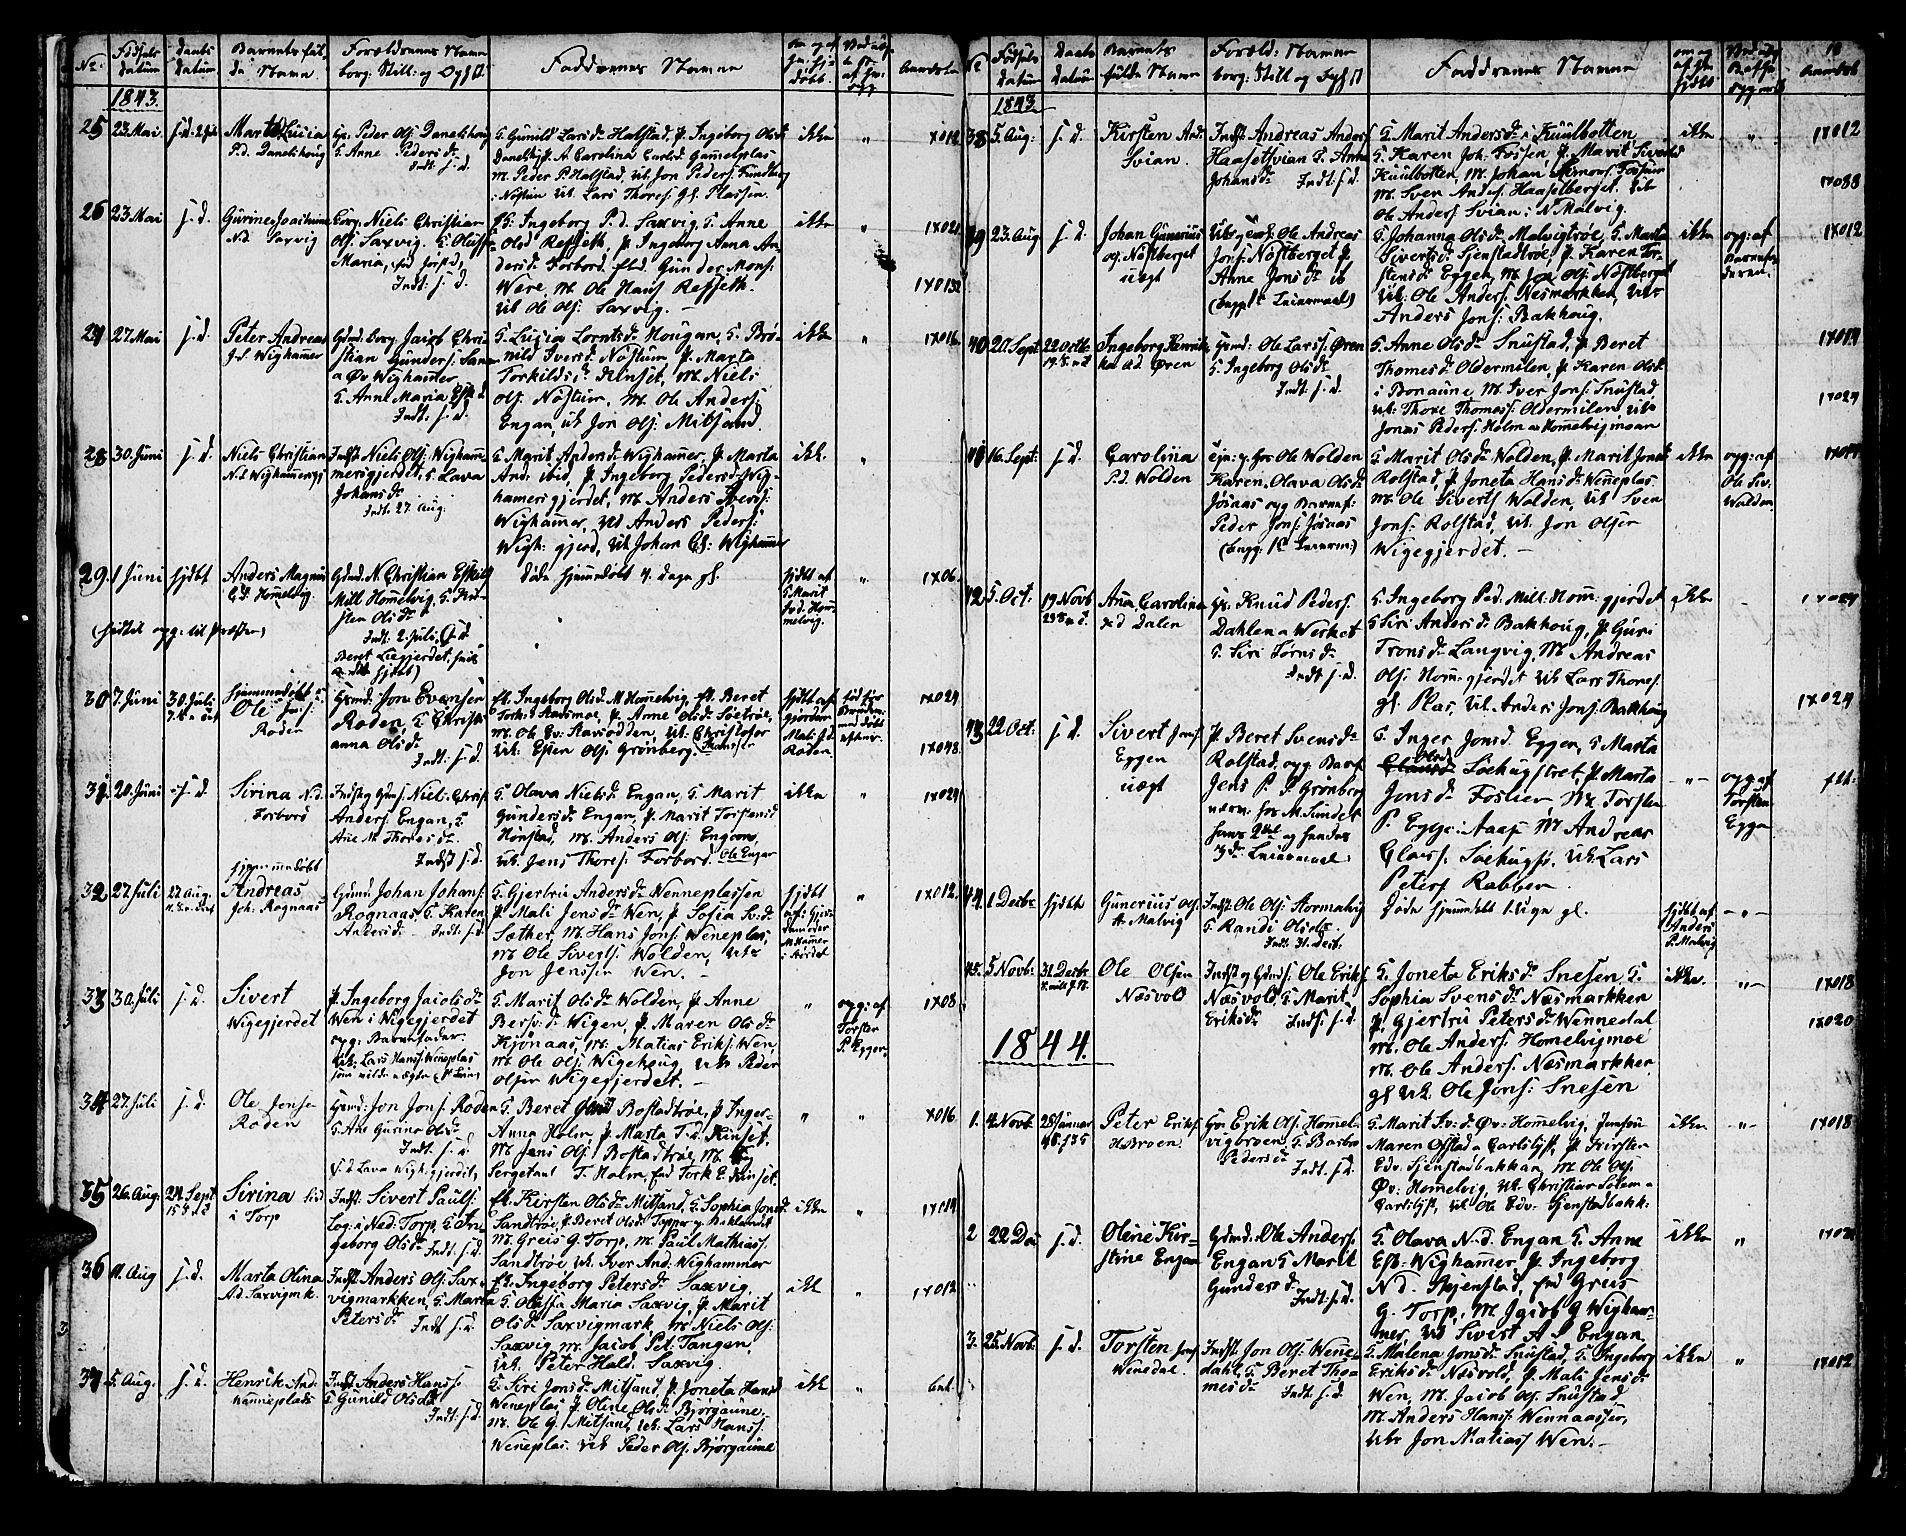 SAT, Ministerialprotokoller, klokkerbøker og fødselsregistre - Sør-Trøndelag, 616/L0421: Klokkerbok nr. 616C04, 1834-1850, s. 18